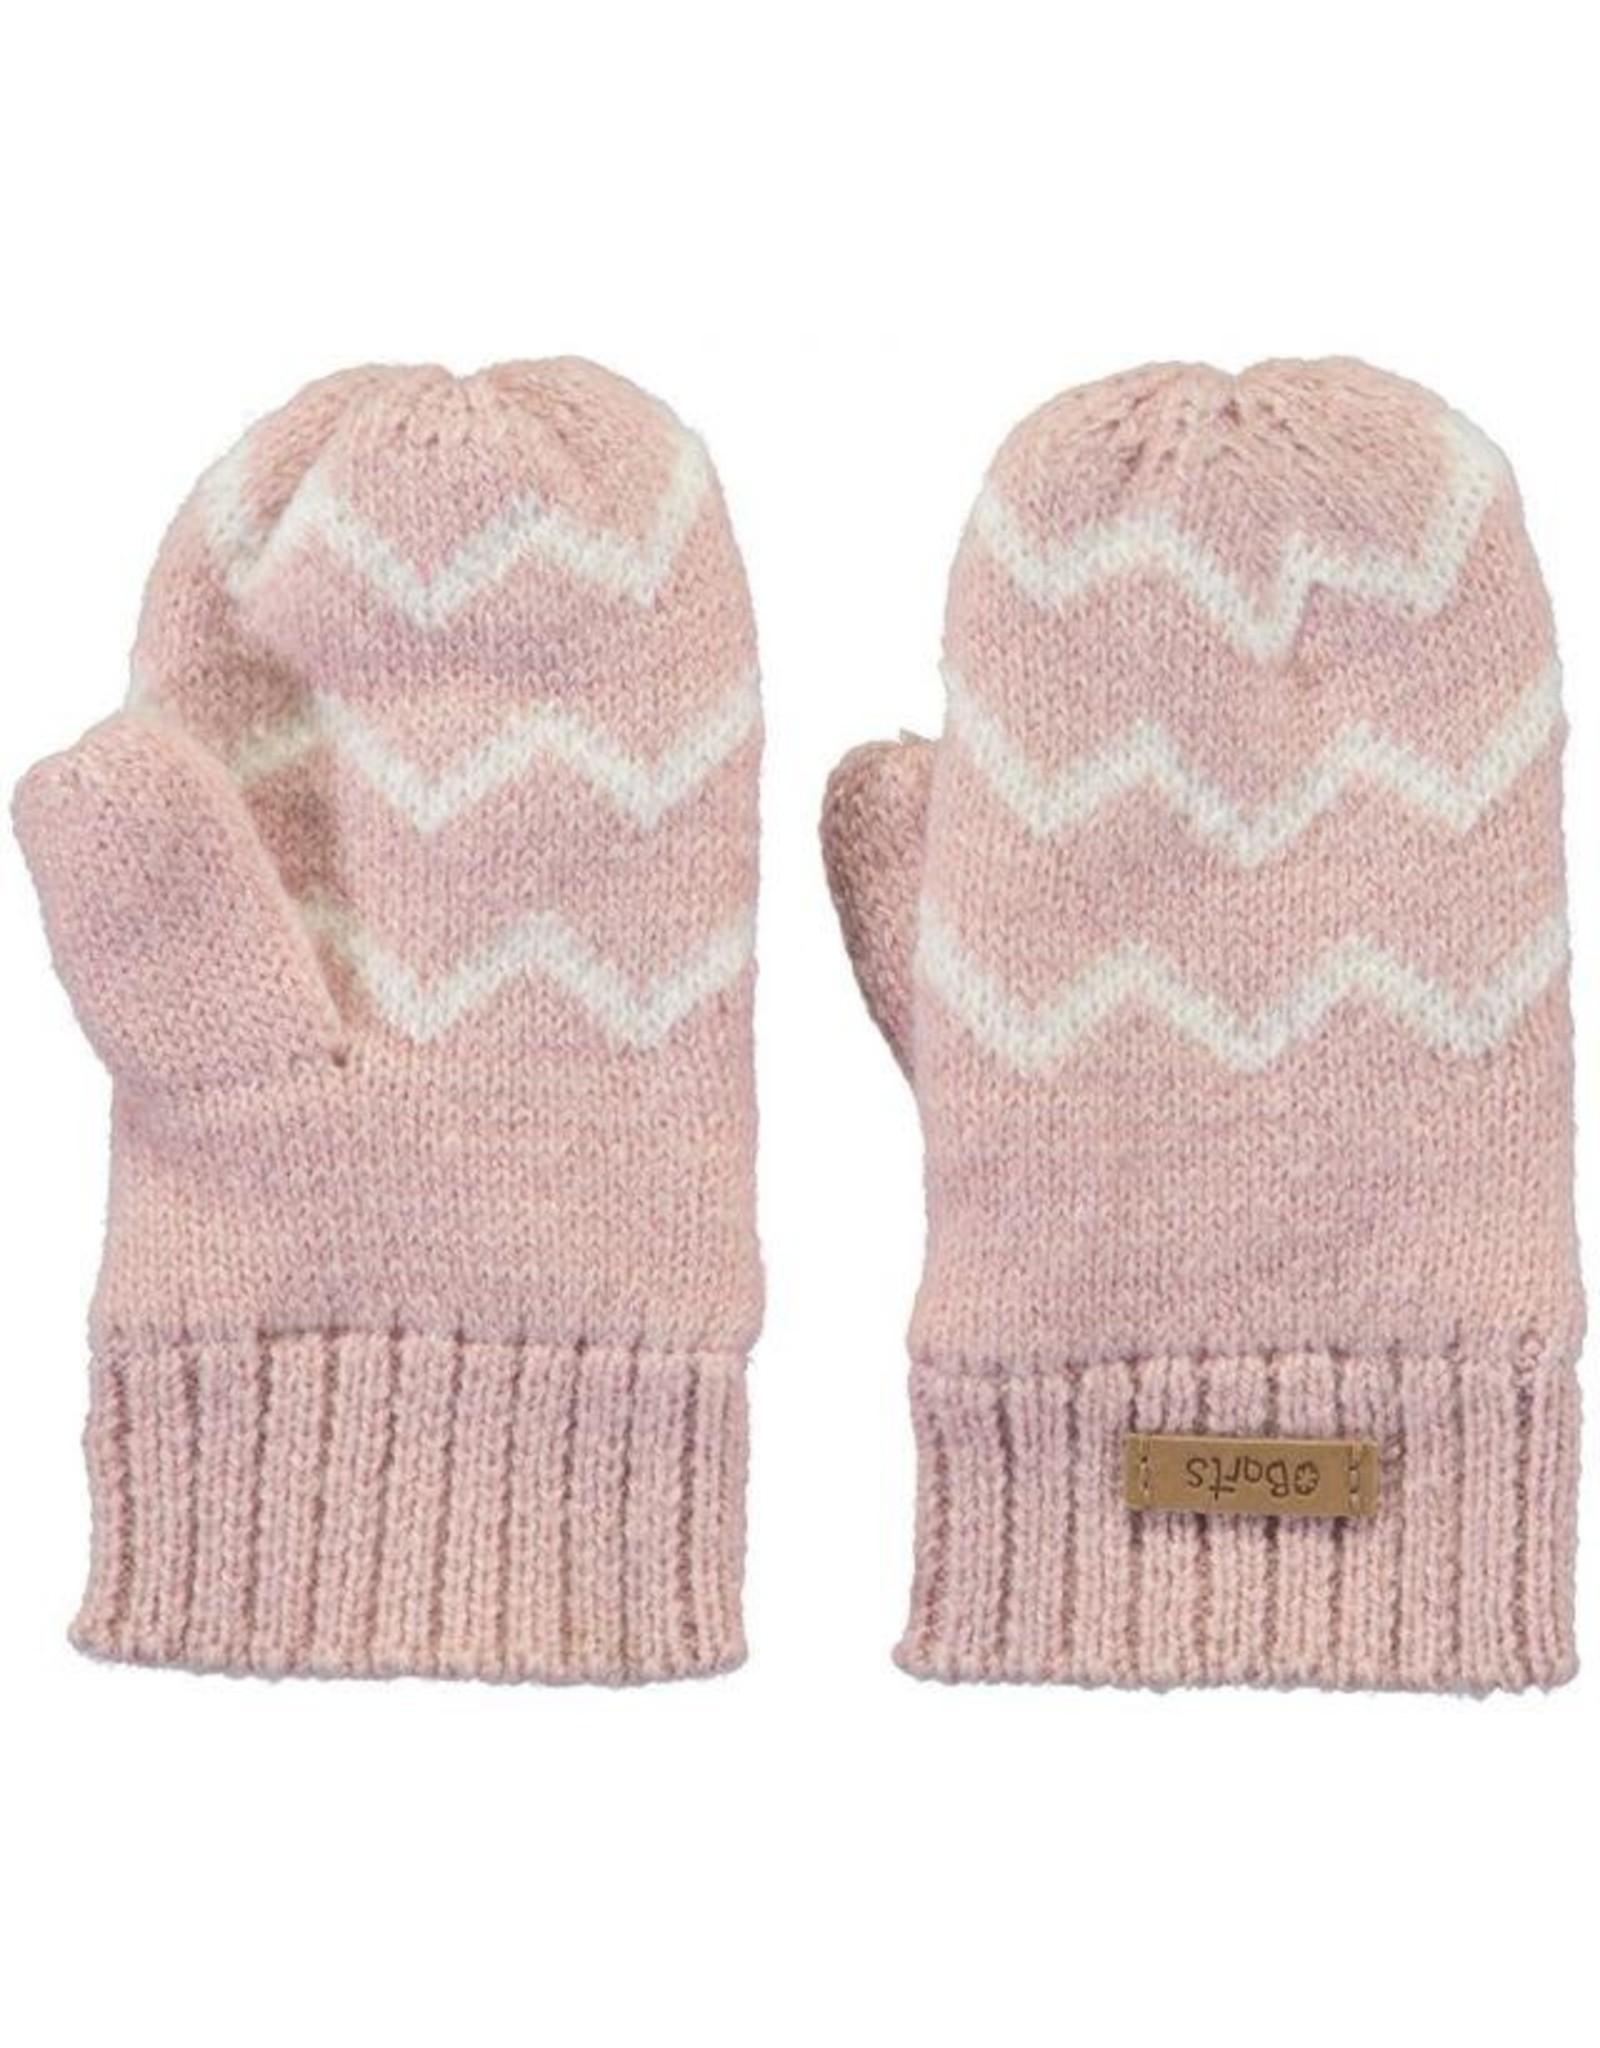 Barts Barts wantjes gebreid roze met wit zigzag